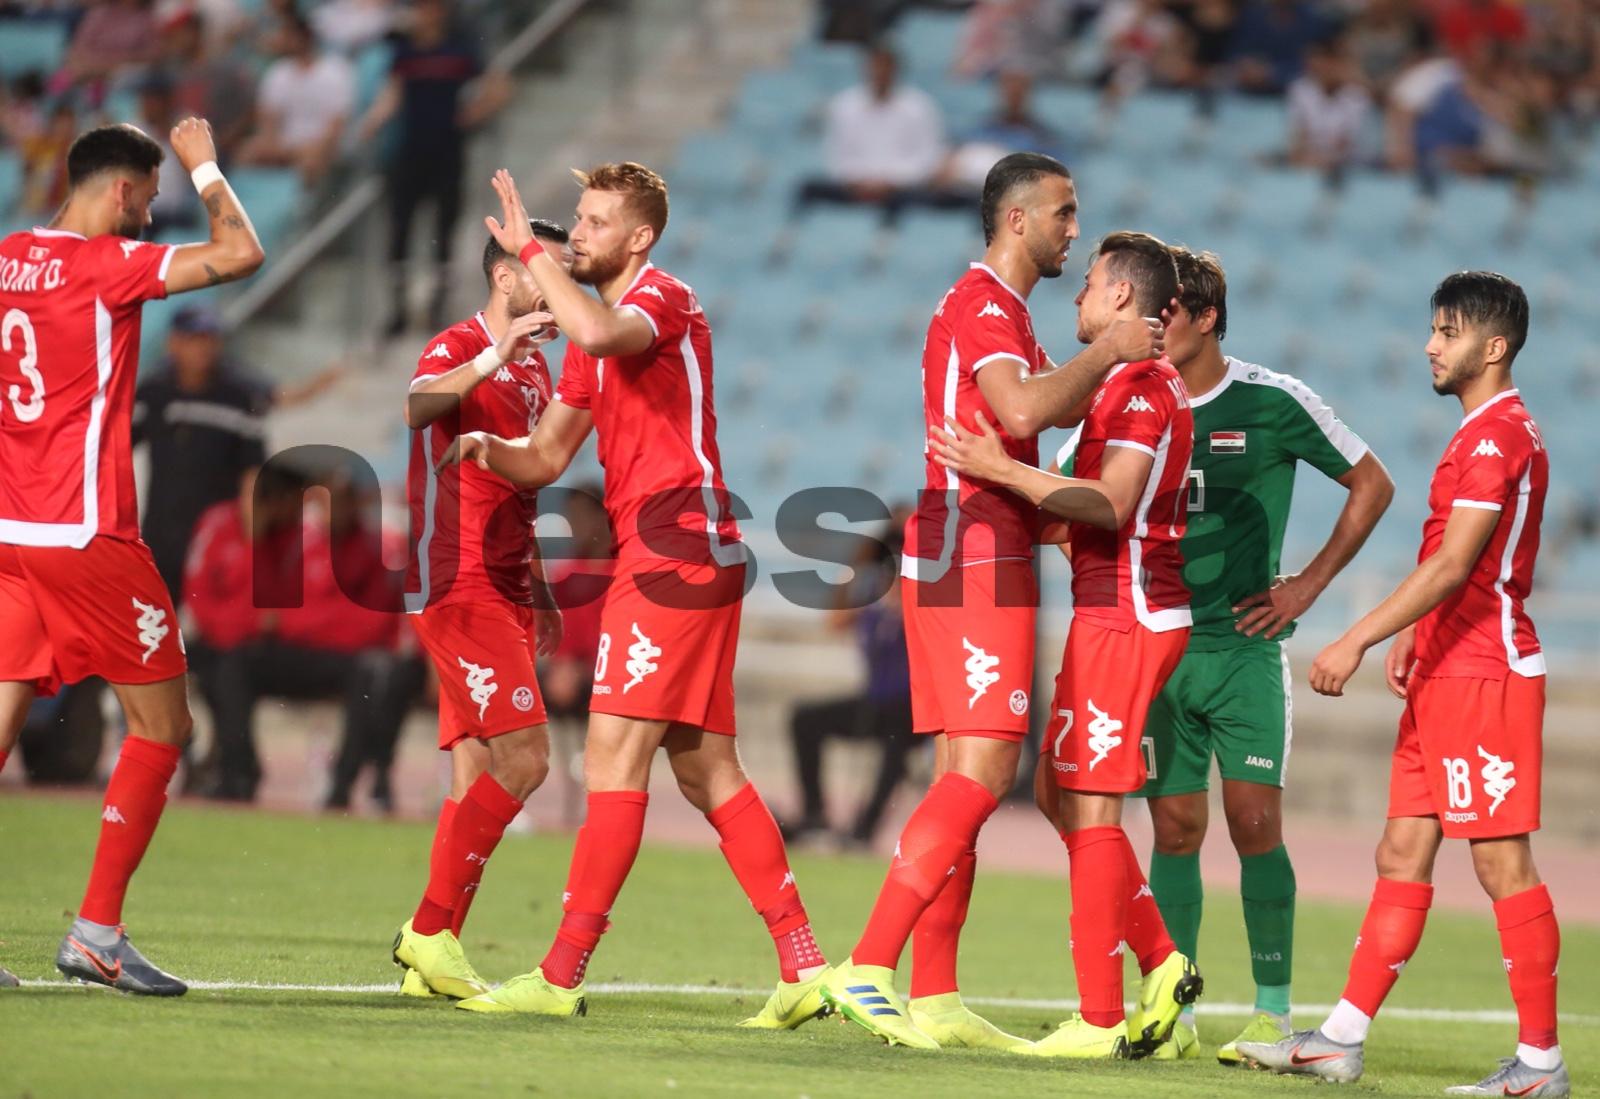 صور الشوط الأول لمباراة المنتخب الوطني التونس و المنتخب العراقي